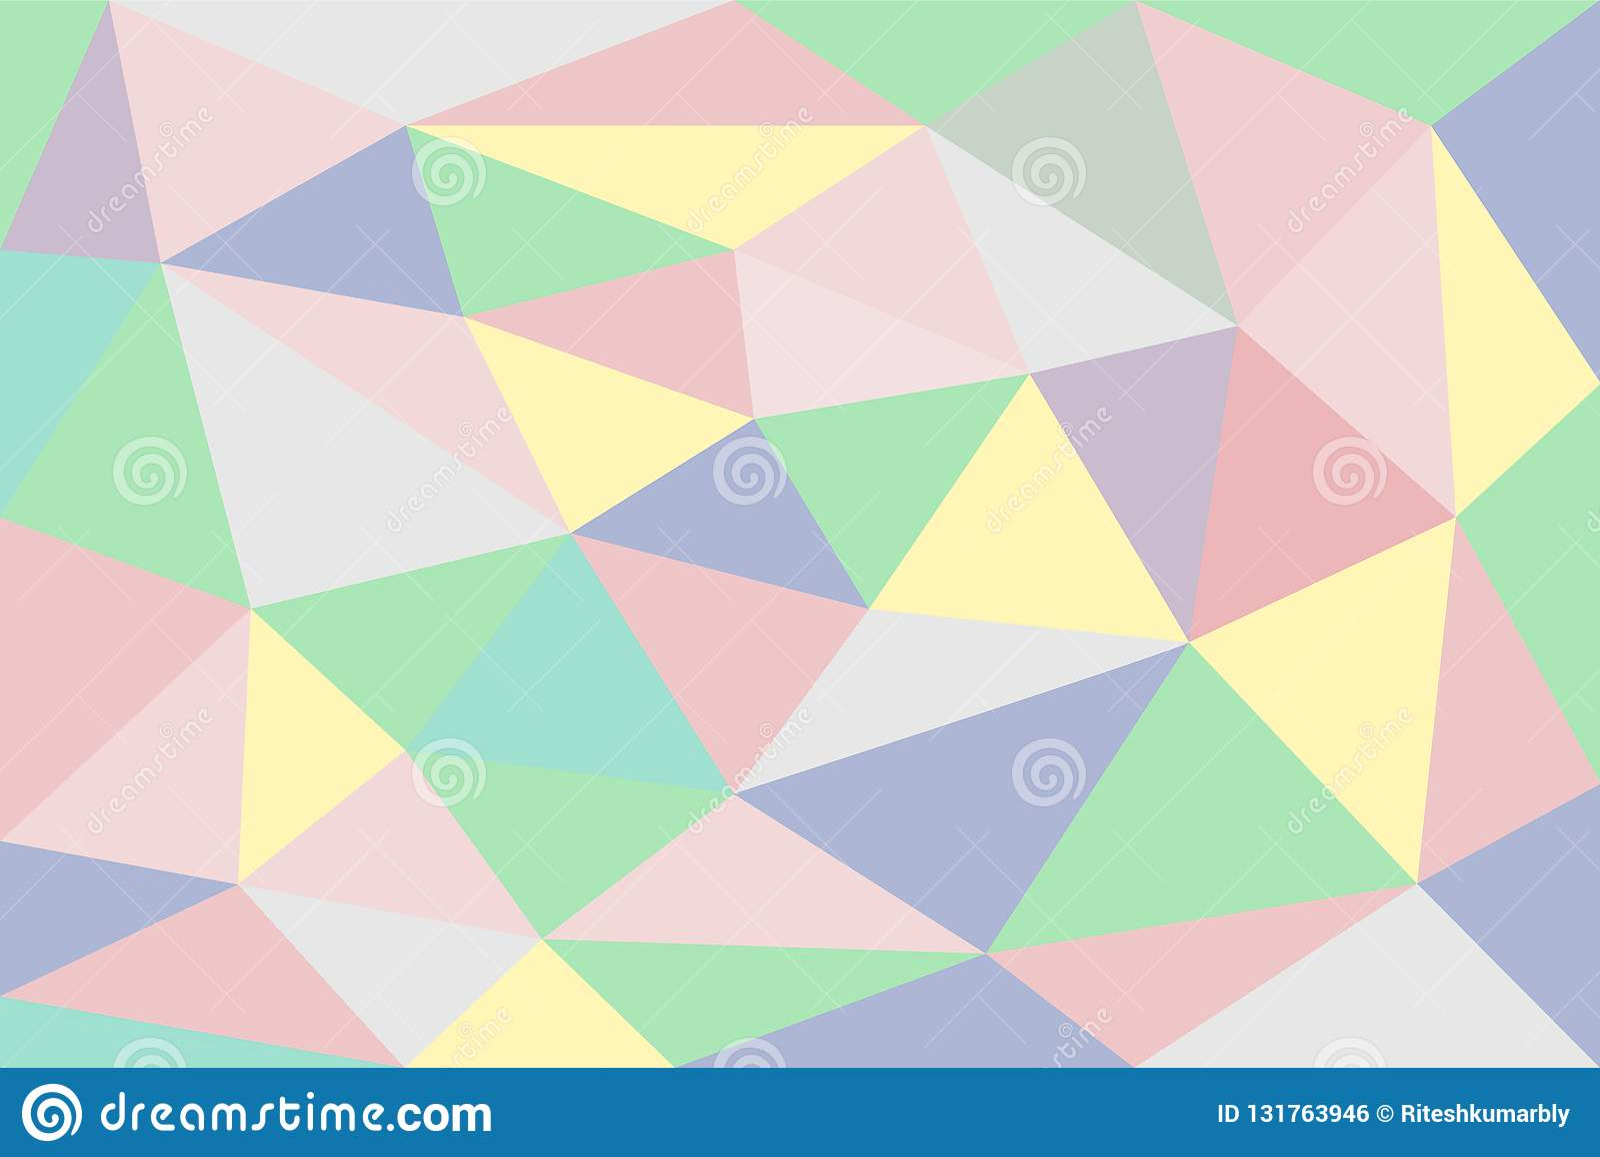 Σύγχρονο απλό γεωμετρικό διανυσματικό άνευ ραφής σχέδιο με τη χρυσή σύσταση γραμμών στο άσπρο υπόβαθρο Ελαφριά αφηρημένη ταπετσαρ